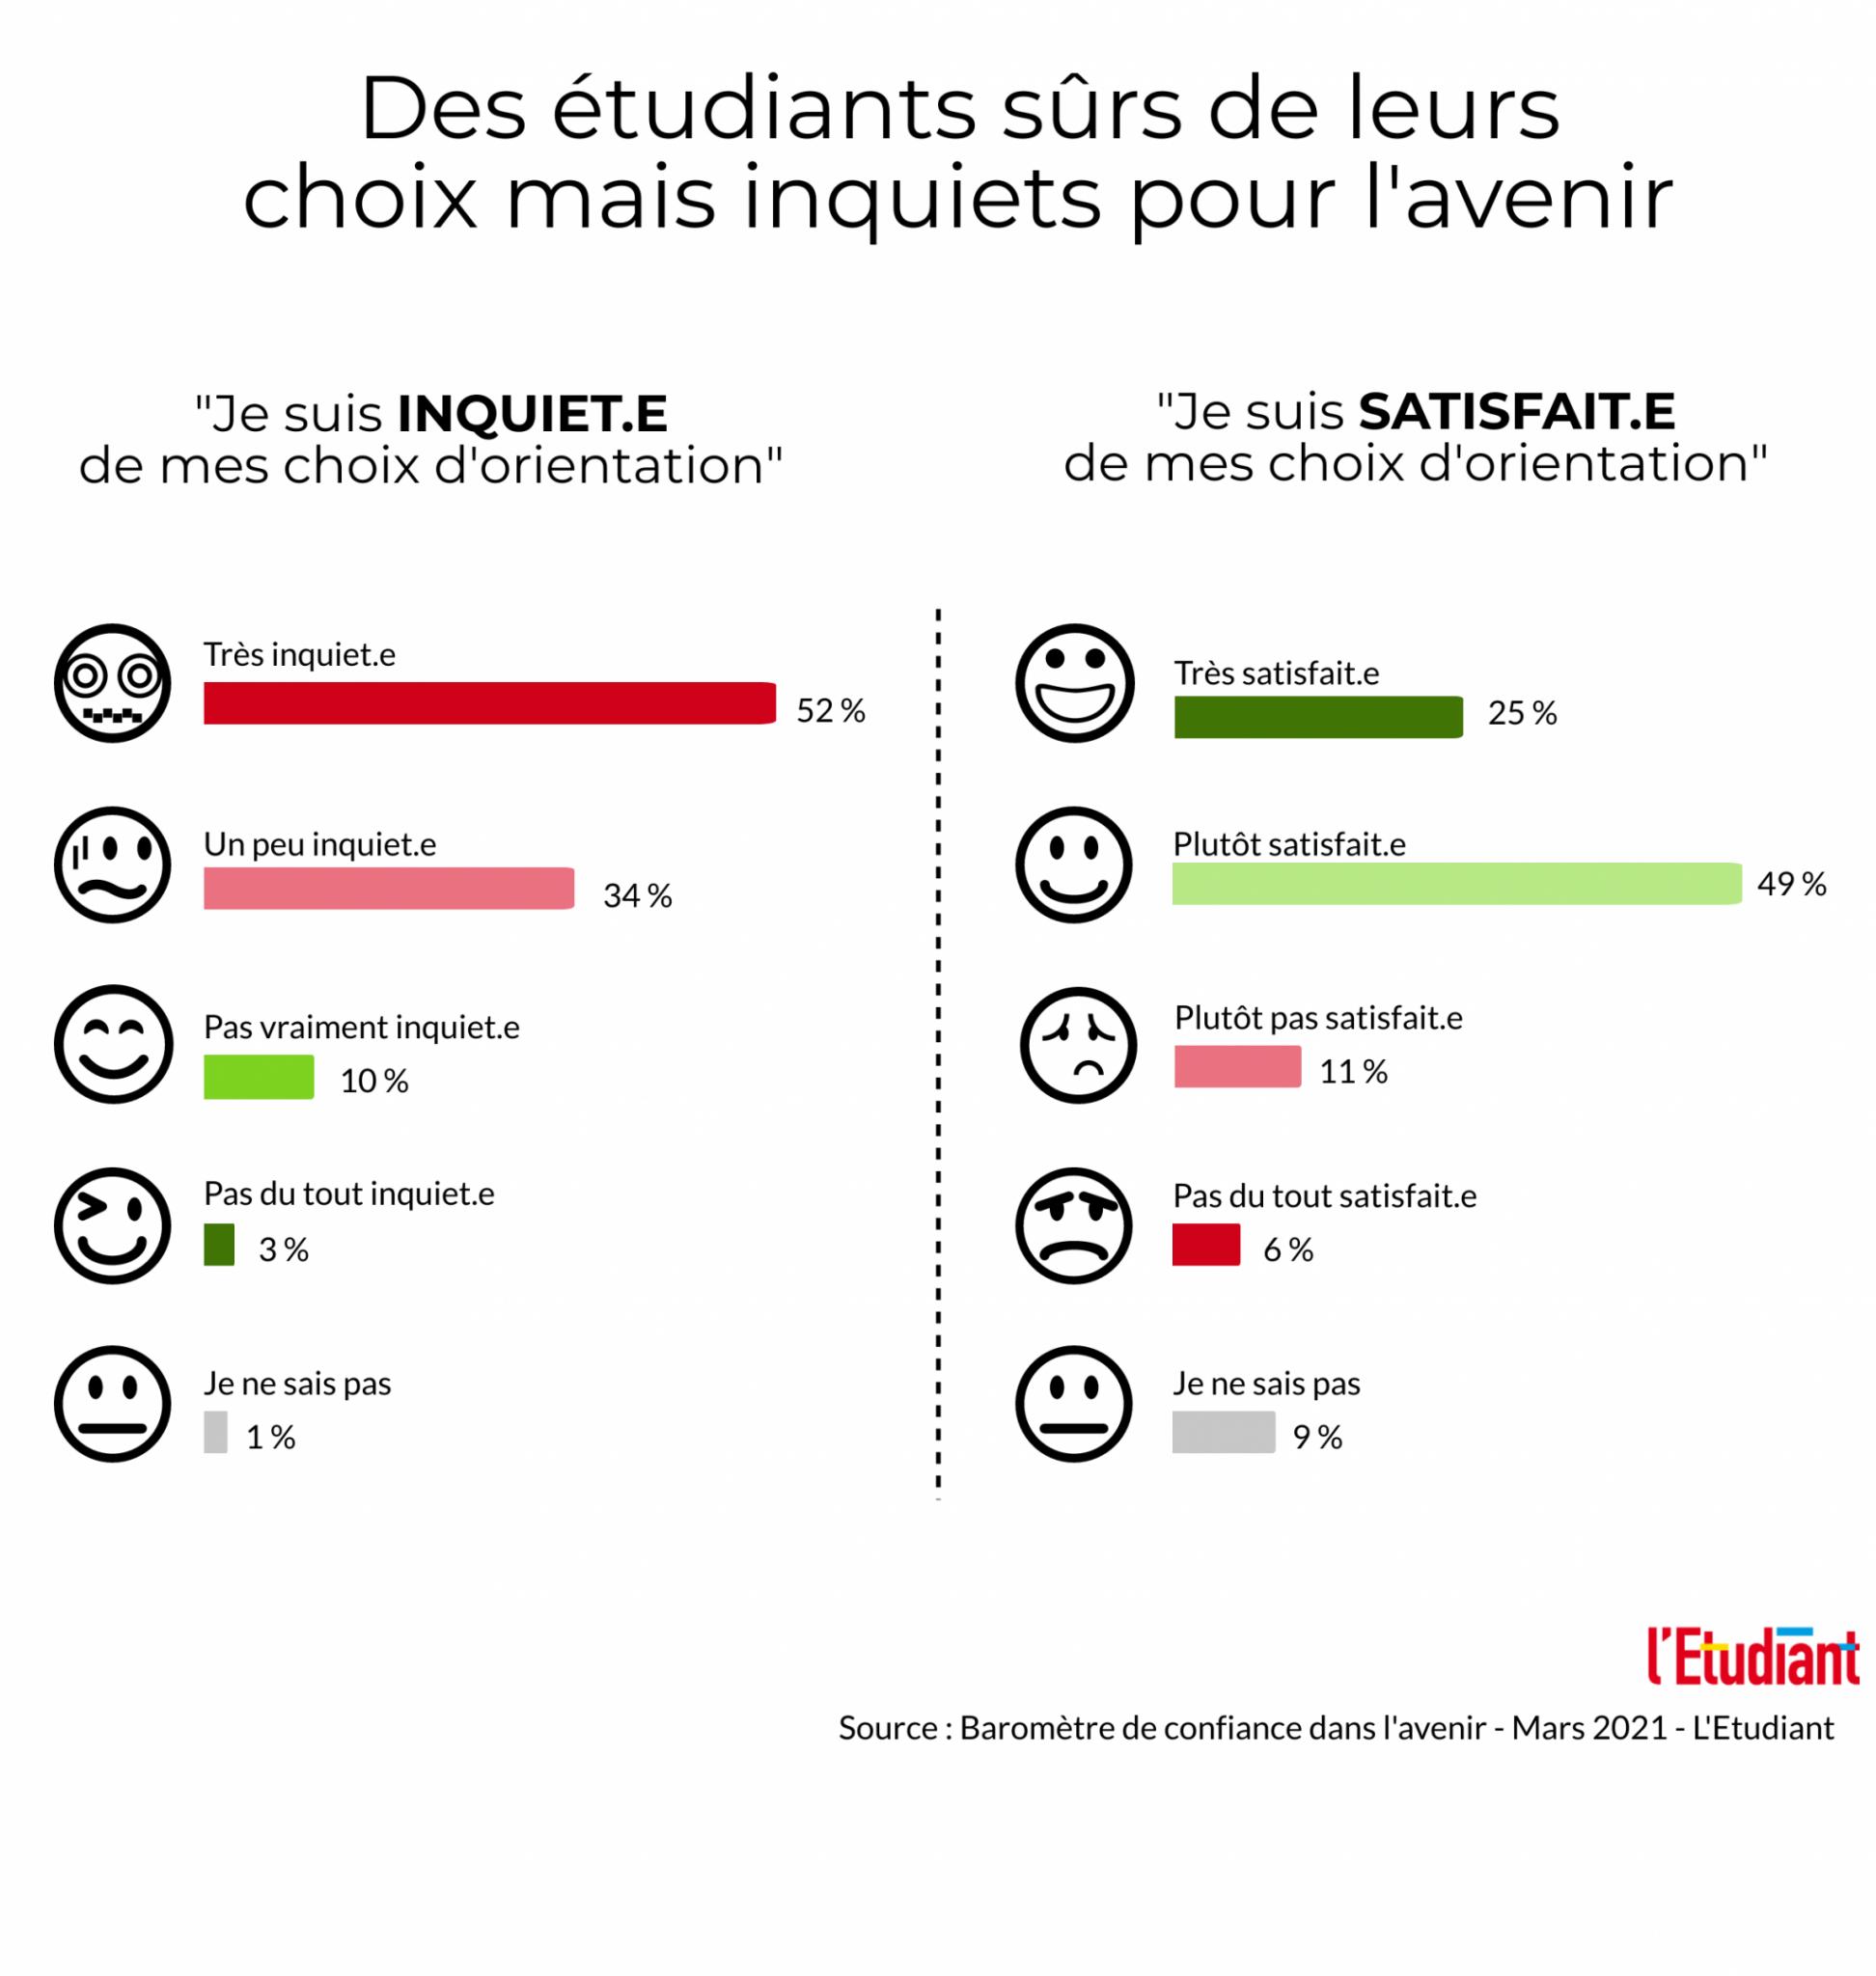 Baromètre l'Etudiant : des étudiants sûrs de leurs choix mais inquiets pour leur avenir